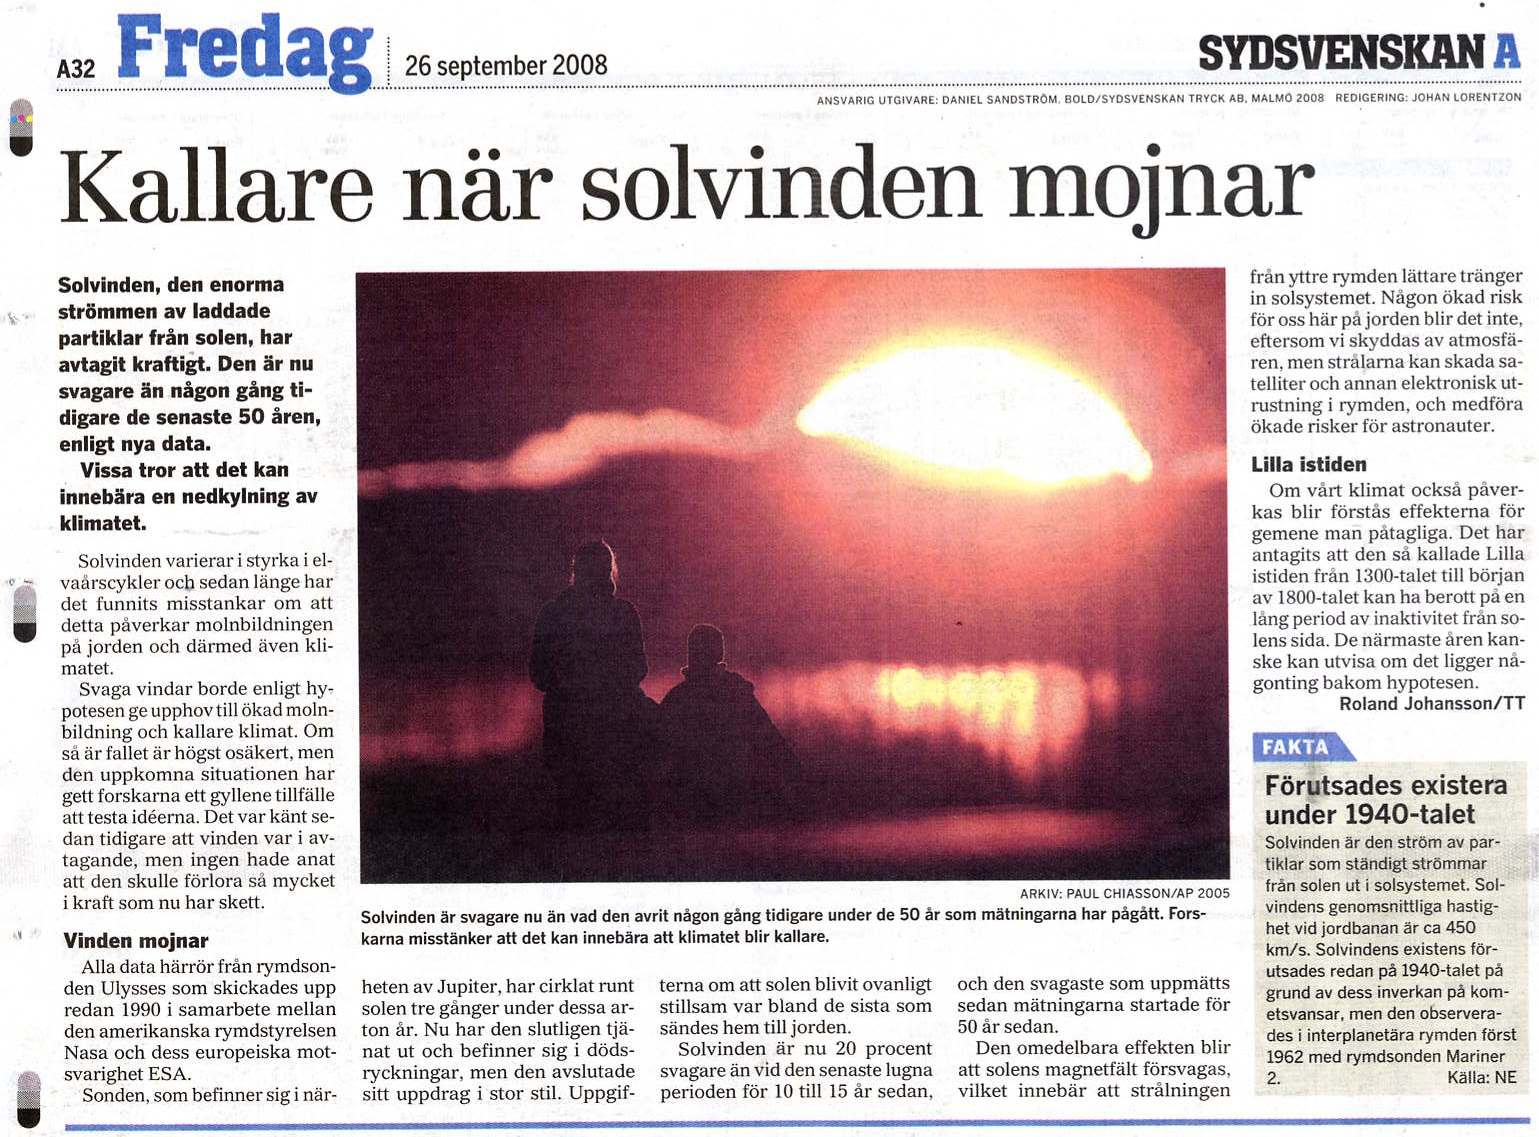 sds om solen